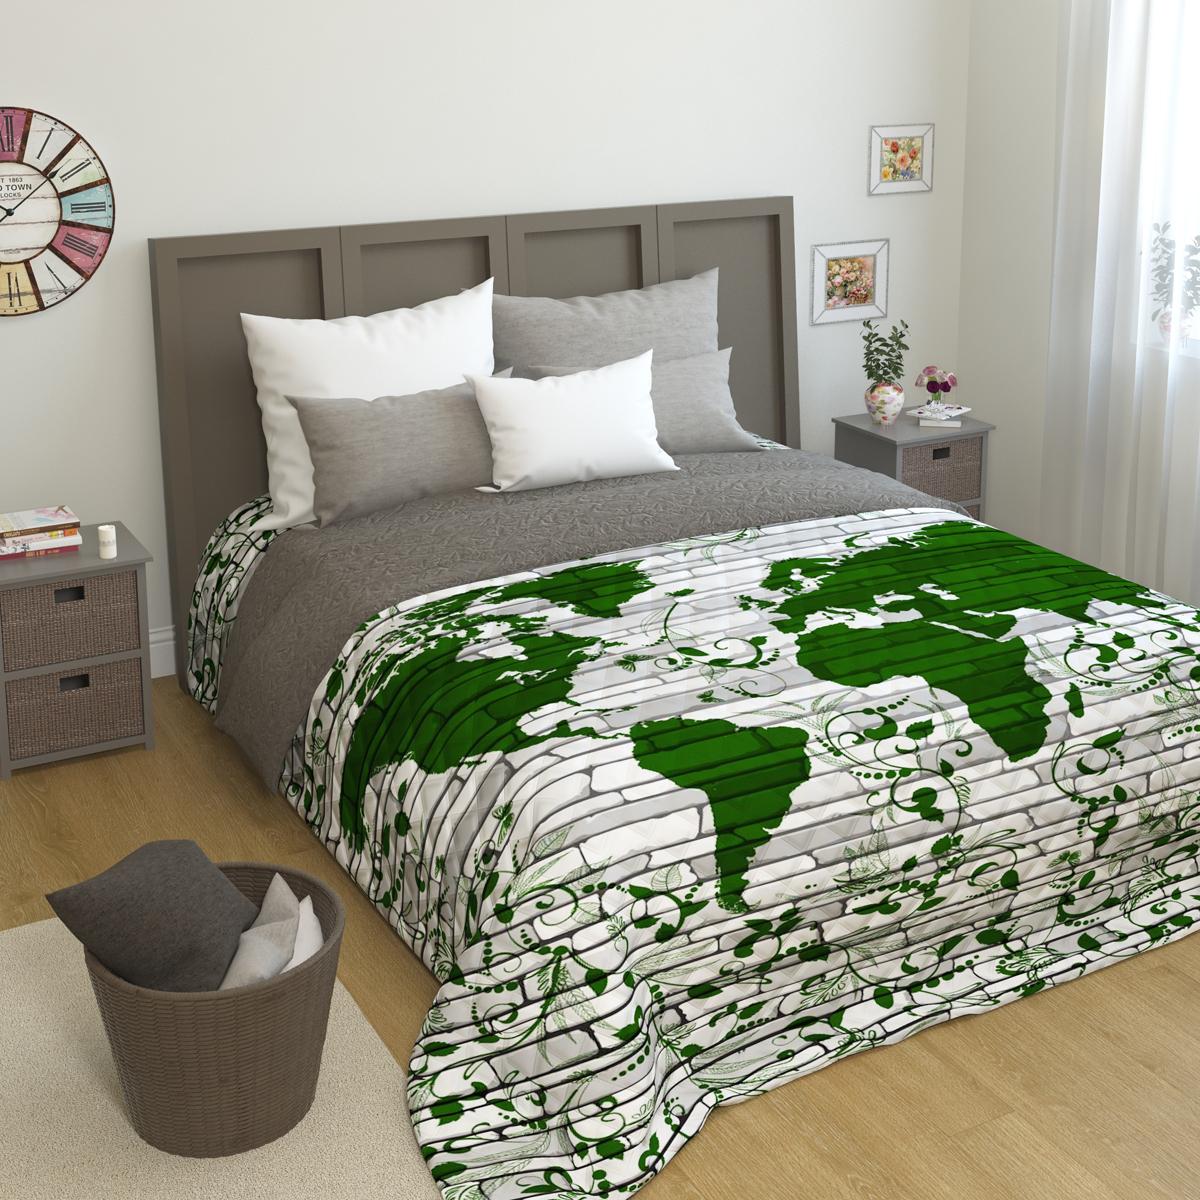 Покрывало стеганое Сирень Мировая карта, 200 х 220 смПКМК005-10326Стеганое покрывало Сирень - это правильный выбор для любой хозяйки. Стеганые покрывала выгодно преобразят дизайн любого интерьера спальни. При изготовлении используется плотная микрофибра. В сочетании со стильным и четким рисунком, созданным с помощью 3D фотопечати стеганые покрывала всегда будут отличным приобретением для Вашей спальни и подарком для друзей и близких! Рисунок стежки выполнен современным способом Ультрастэп (без использования ниток). Использование данного способа стежки защищает от миграции волокна во время стирки в деликатном режиме при температуре 30 градусов. Размер 200*220 (+/- 2см ) Наволочки в комплект не входят. Покрывало легко стирать при 30-40 градусов, гладить при 150 градусах, не отбеливать. Цвет покрывала в комплектации может немного отличаться от представленного на фото.